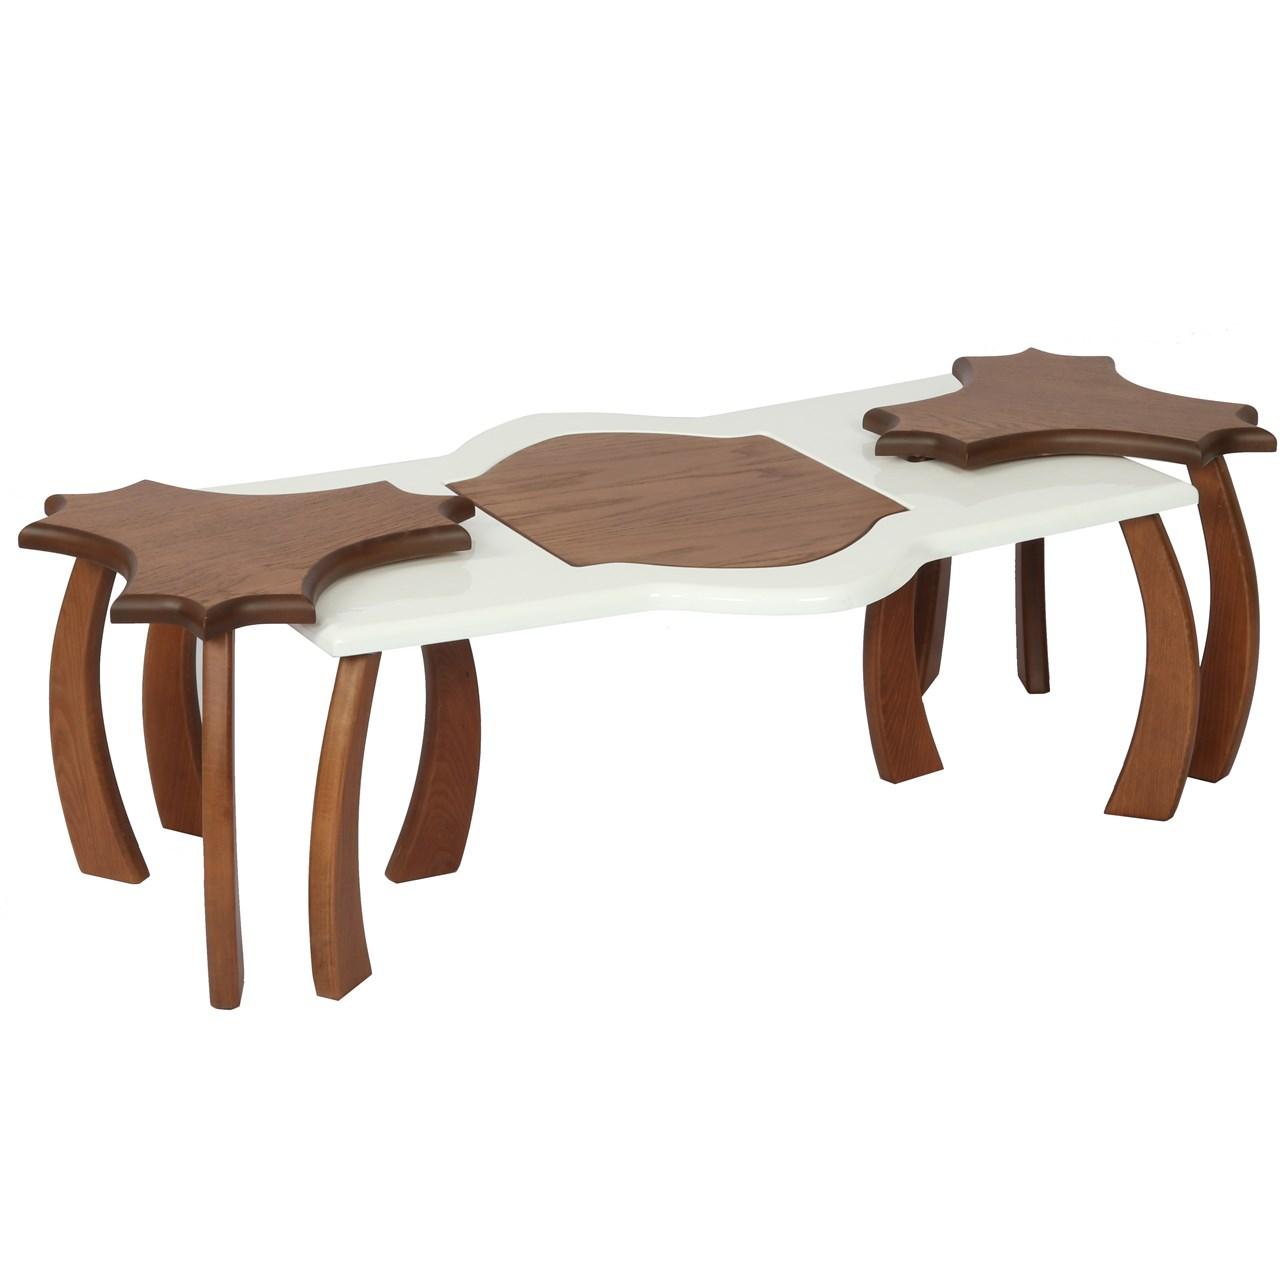 میز جلو مبلی سهیل کد Aryana  به همراه دو میز عسلی